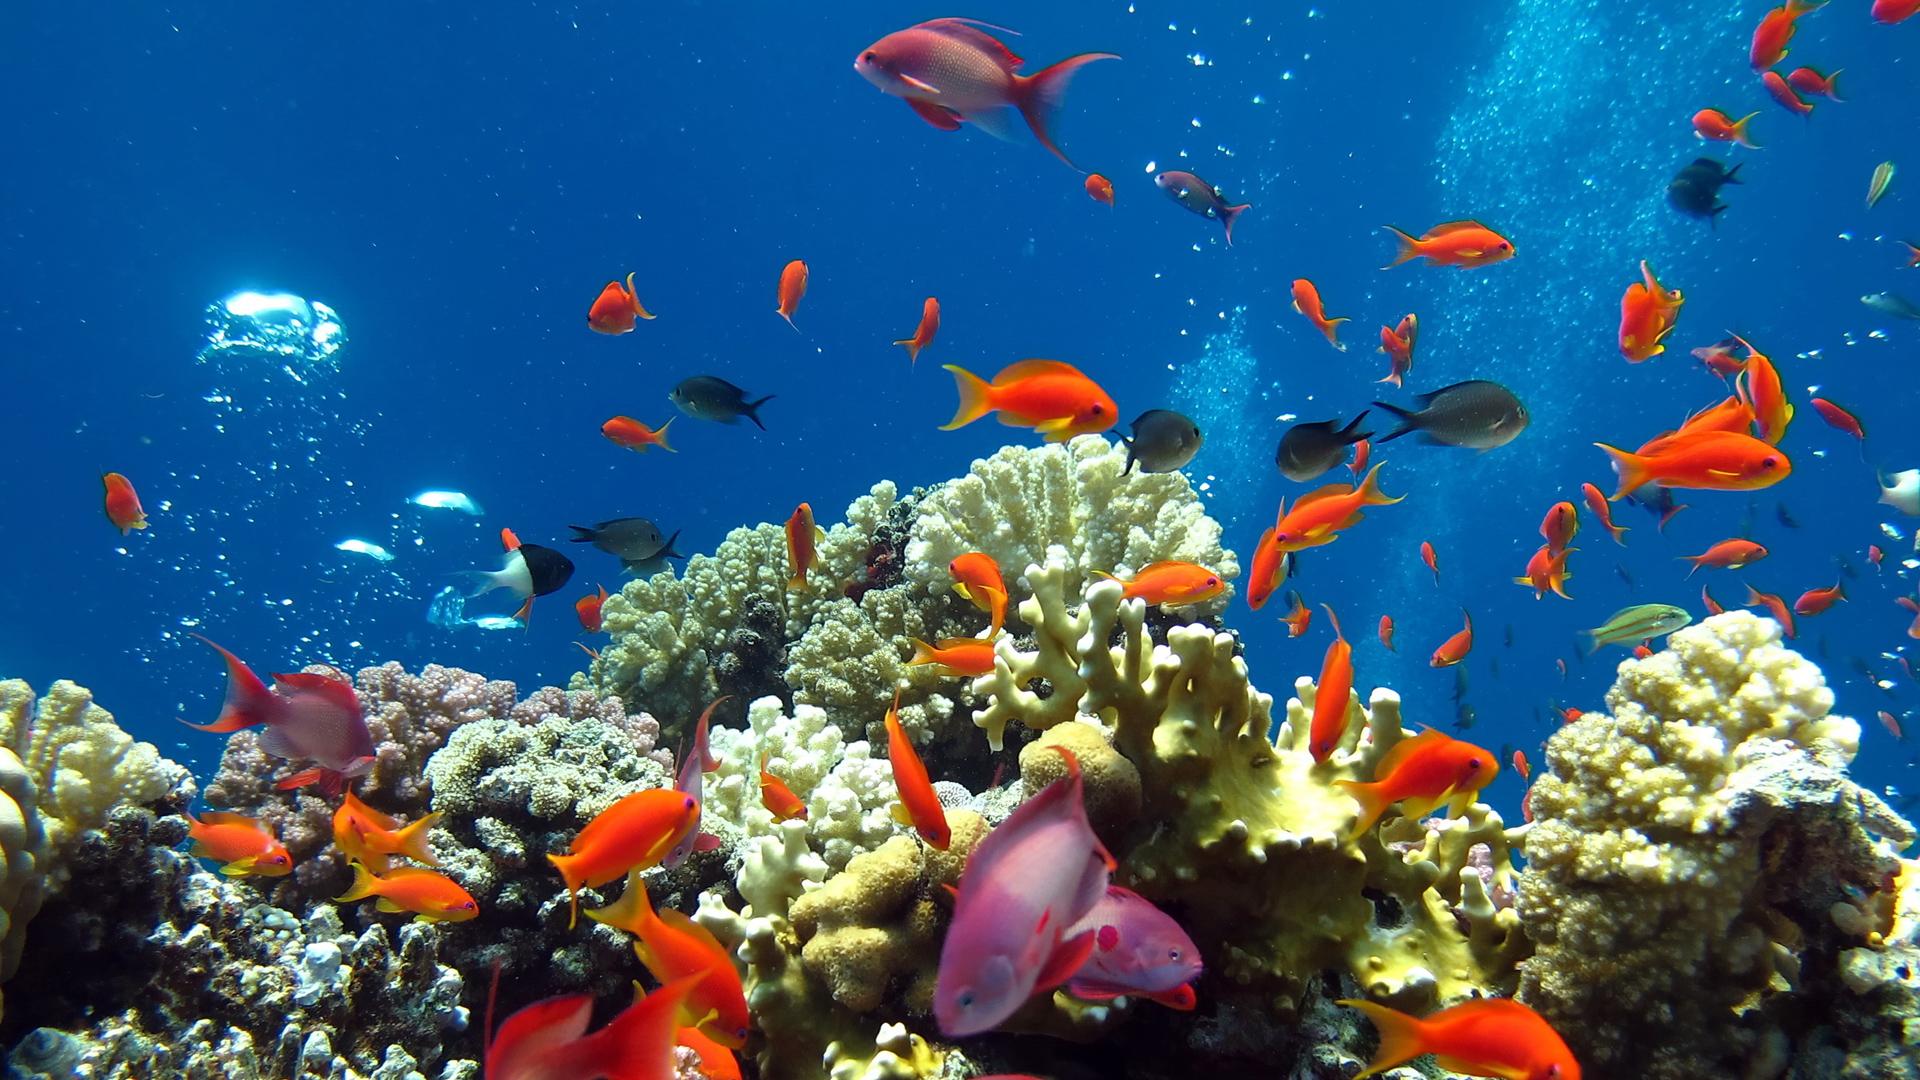 Сделайте ваш телефон выглядеть самой красивой аквариум в мире!. Наслаждайтесь красотой кристально чистой водой, морских животных и.